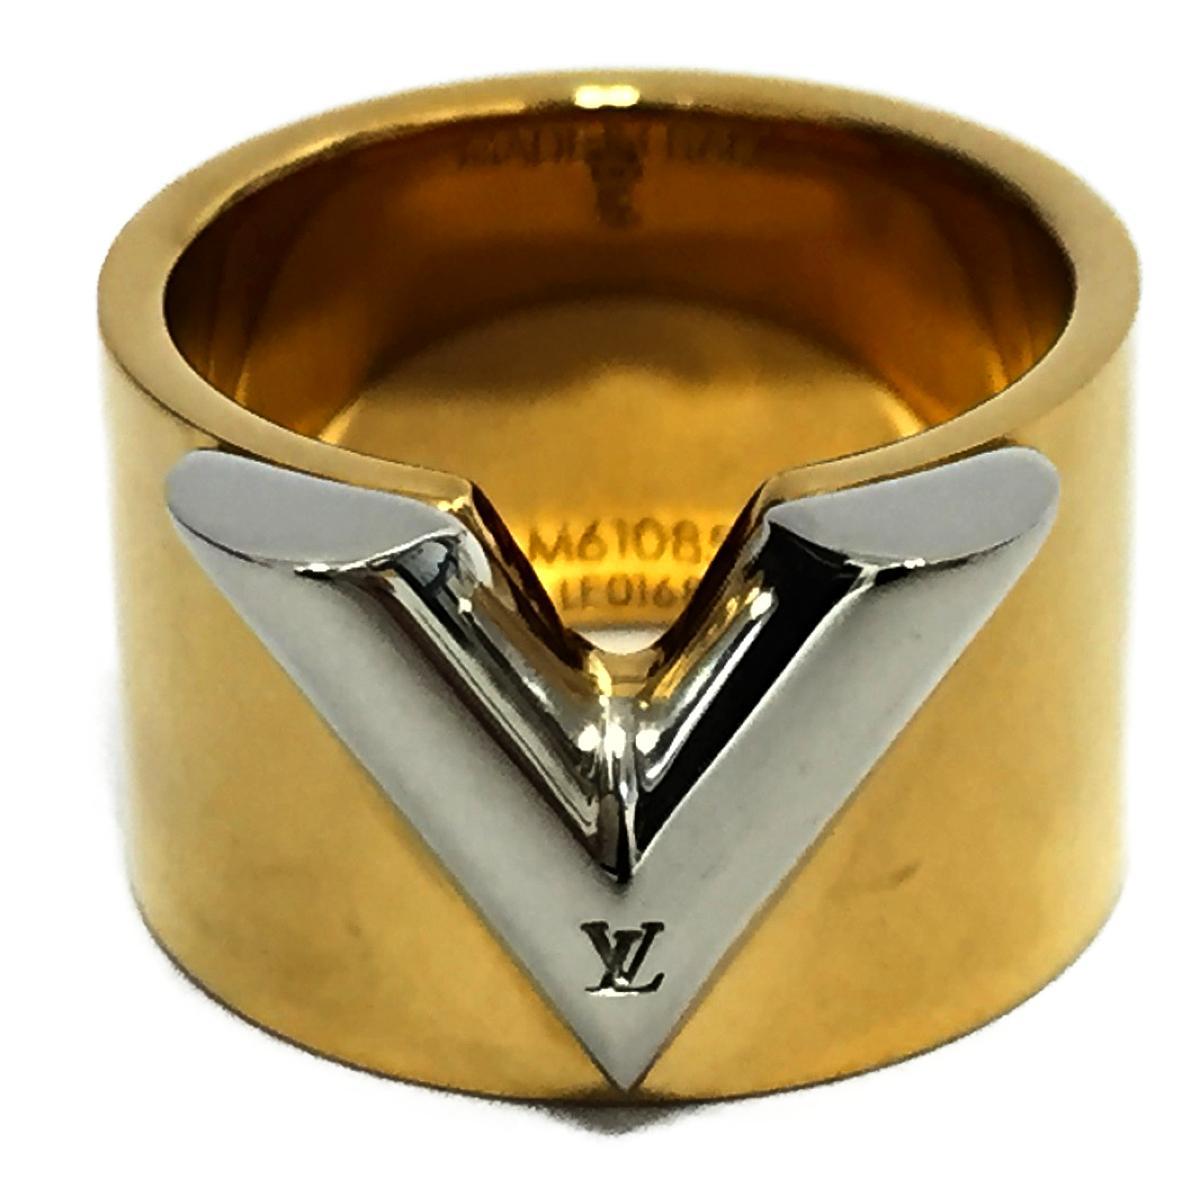 【中古】 ルイヴィトン リング エセンシャルV M メンズ レディース メッキ ゴールド (M61085) | LOUIS VUITTON ビトン ヴィトン ルイ・ヴィトン リング エセンシャルV M 美品 ブランドオフ